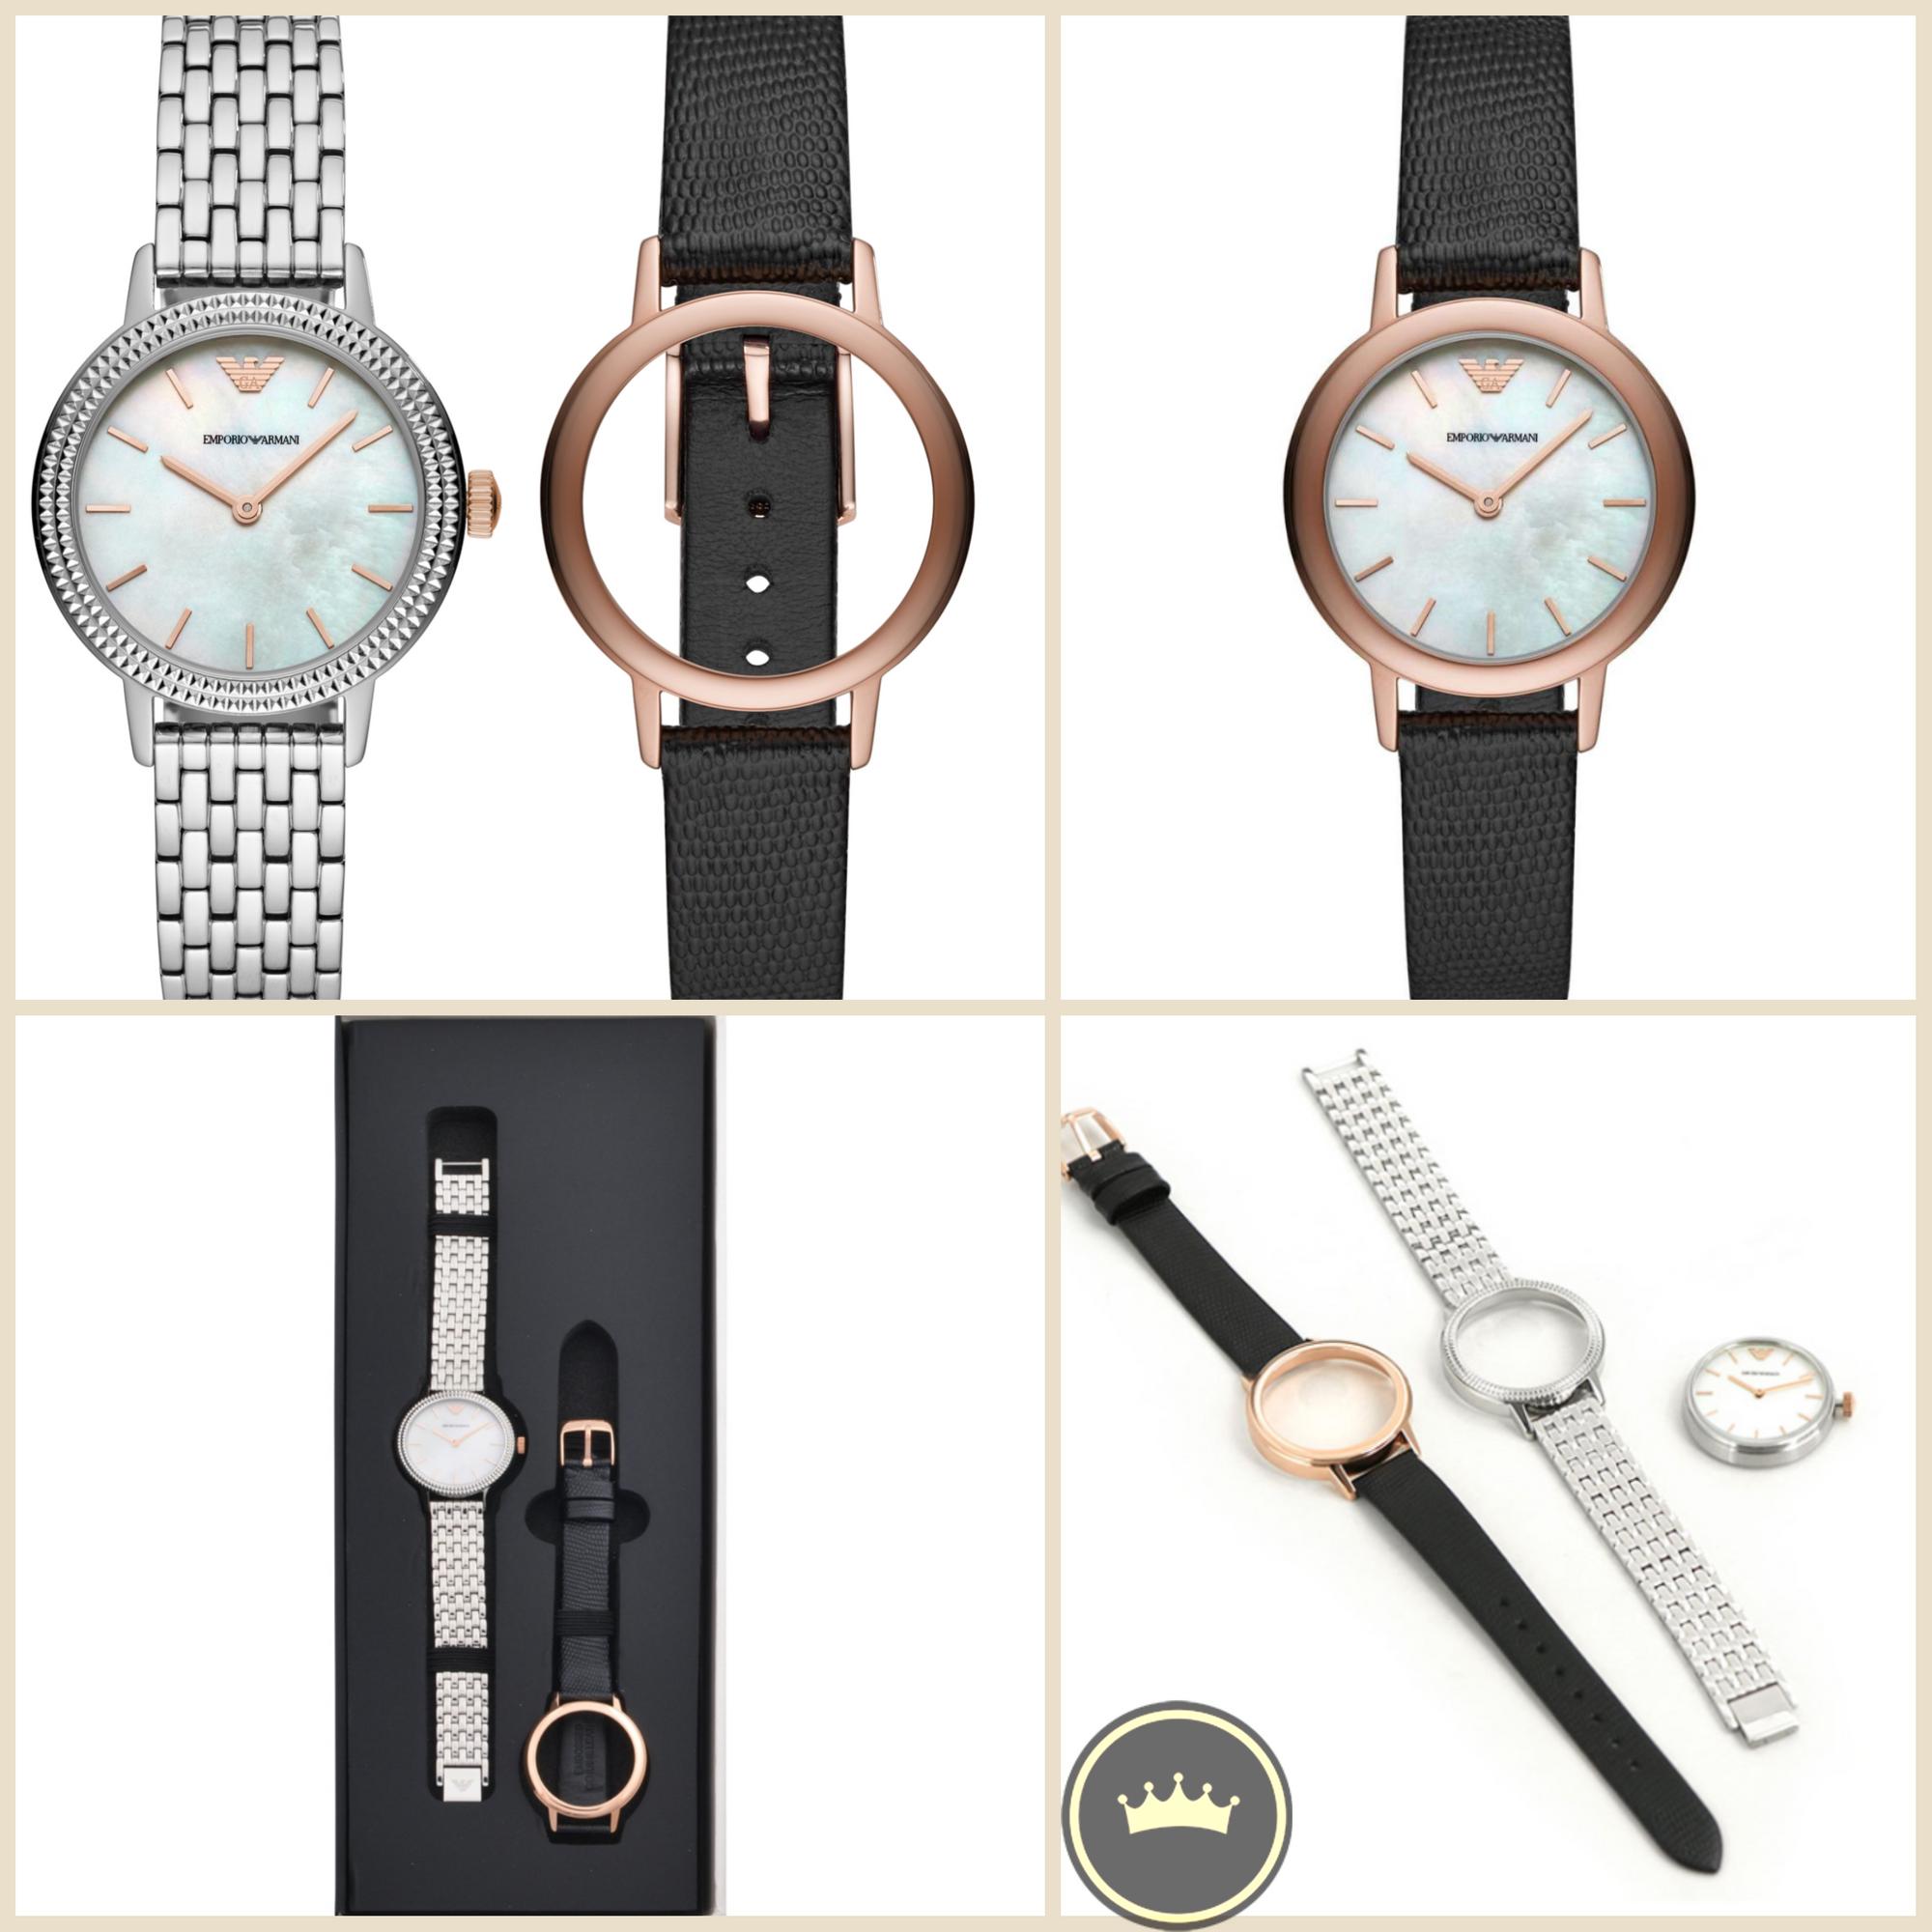 وصل حديثا من أرماني الساعه النساثية المتميزة يمكن تغيير السوار الى جلد فقط 629 درهم New Collection Emporio Armani Womens An Leather Watch Leather Accessories